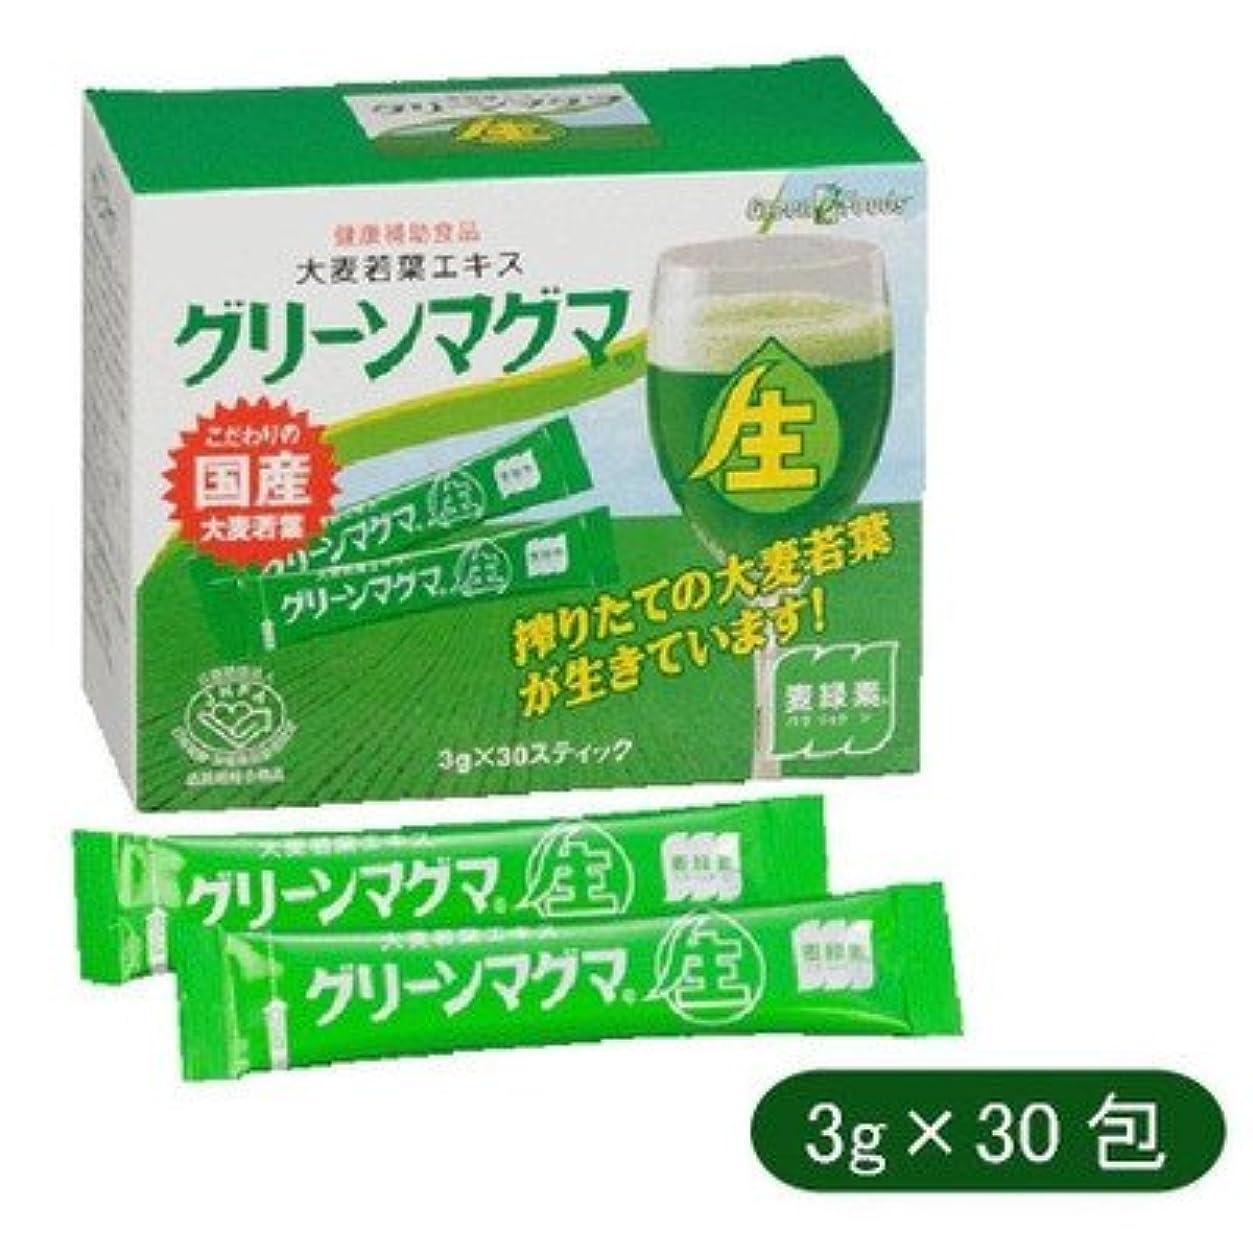 用心する暗くするアパート日本薬品開発 大麦若葉エキス グリーンマグマ 3g×30包 642670